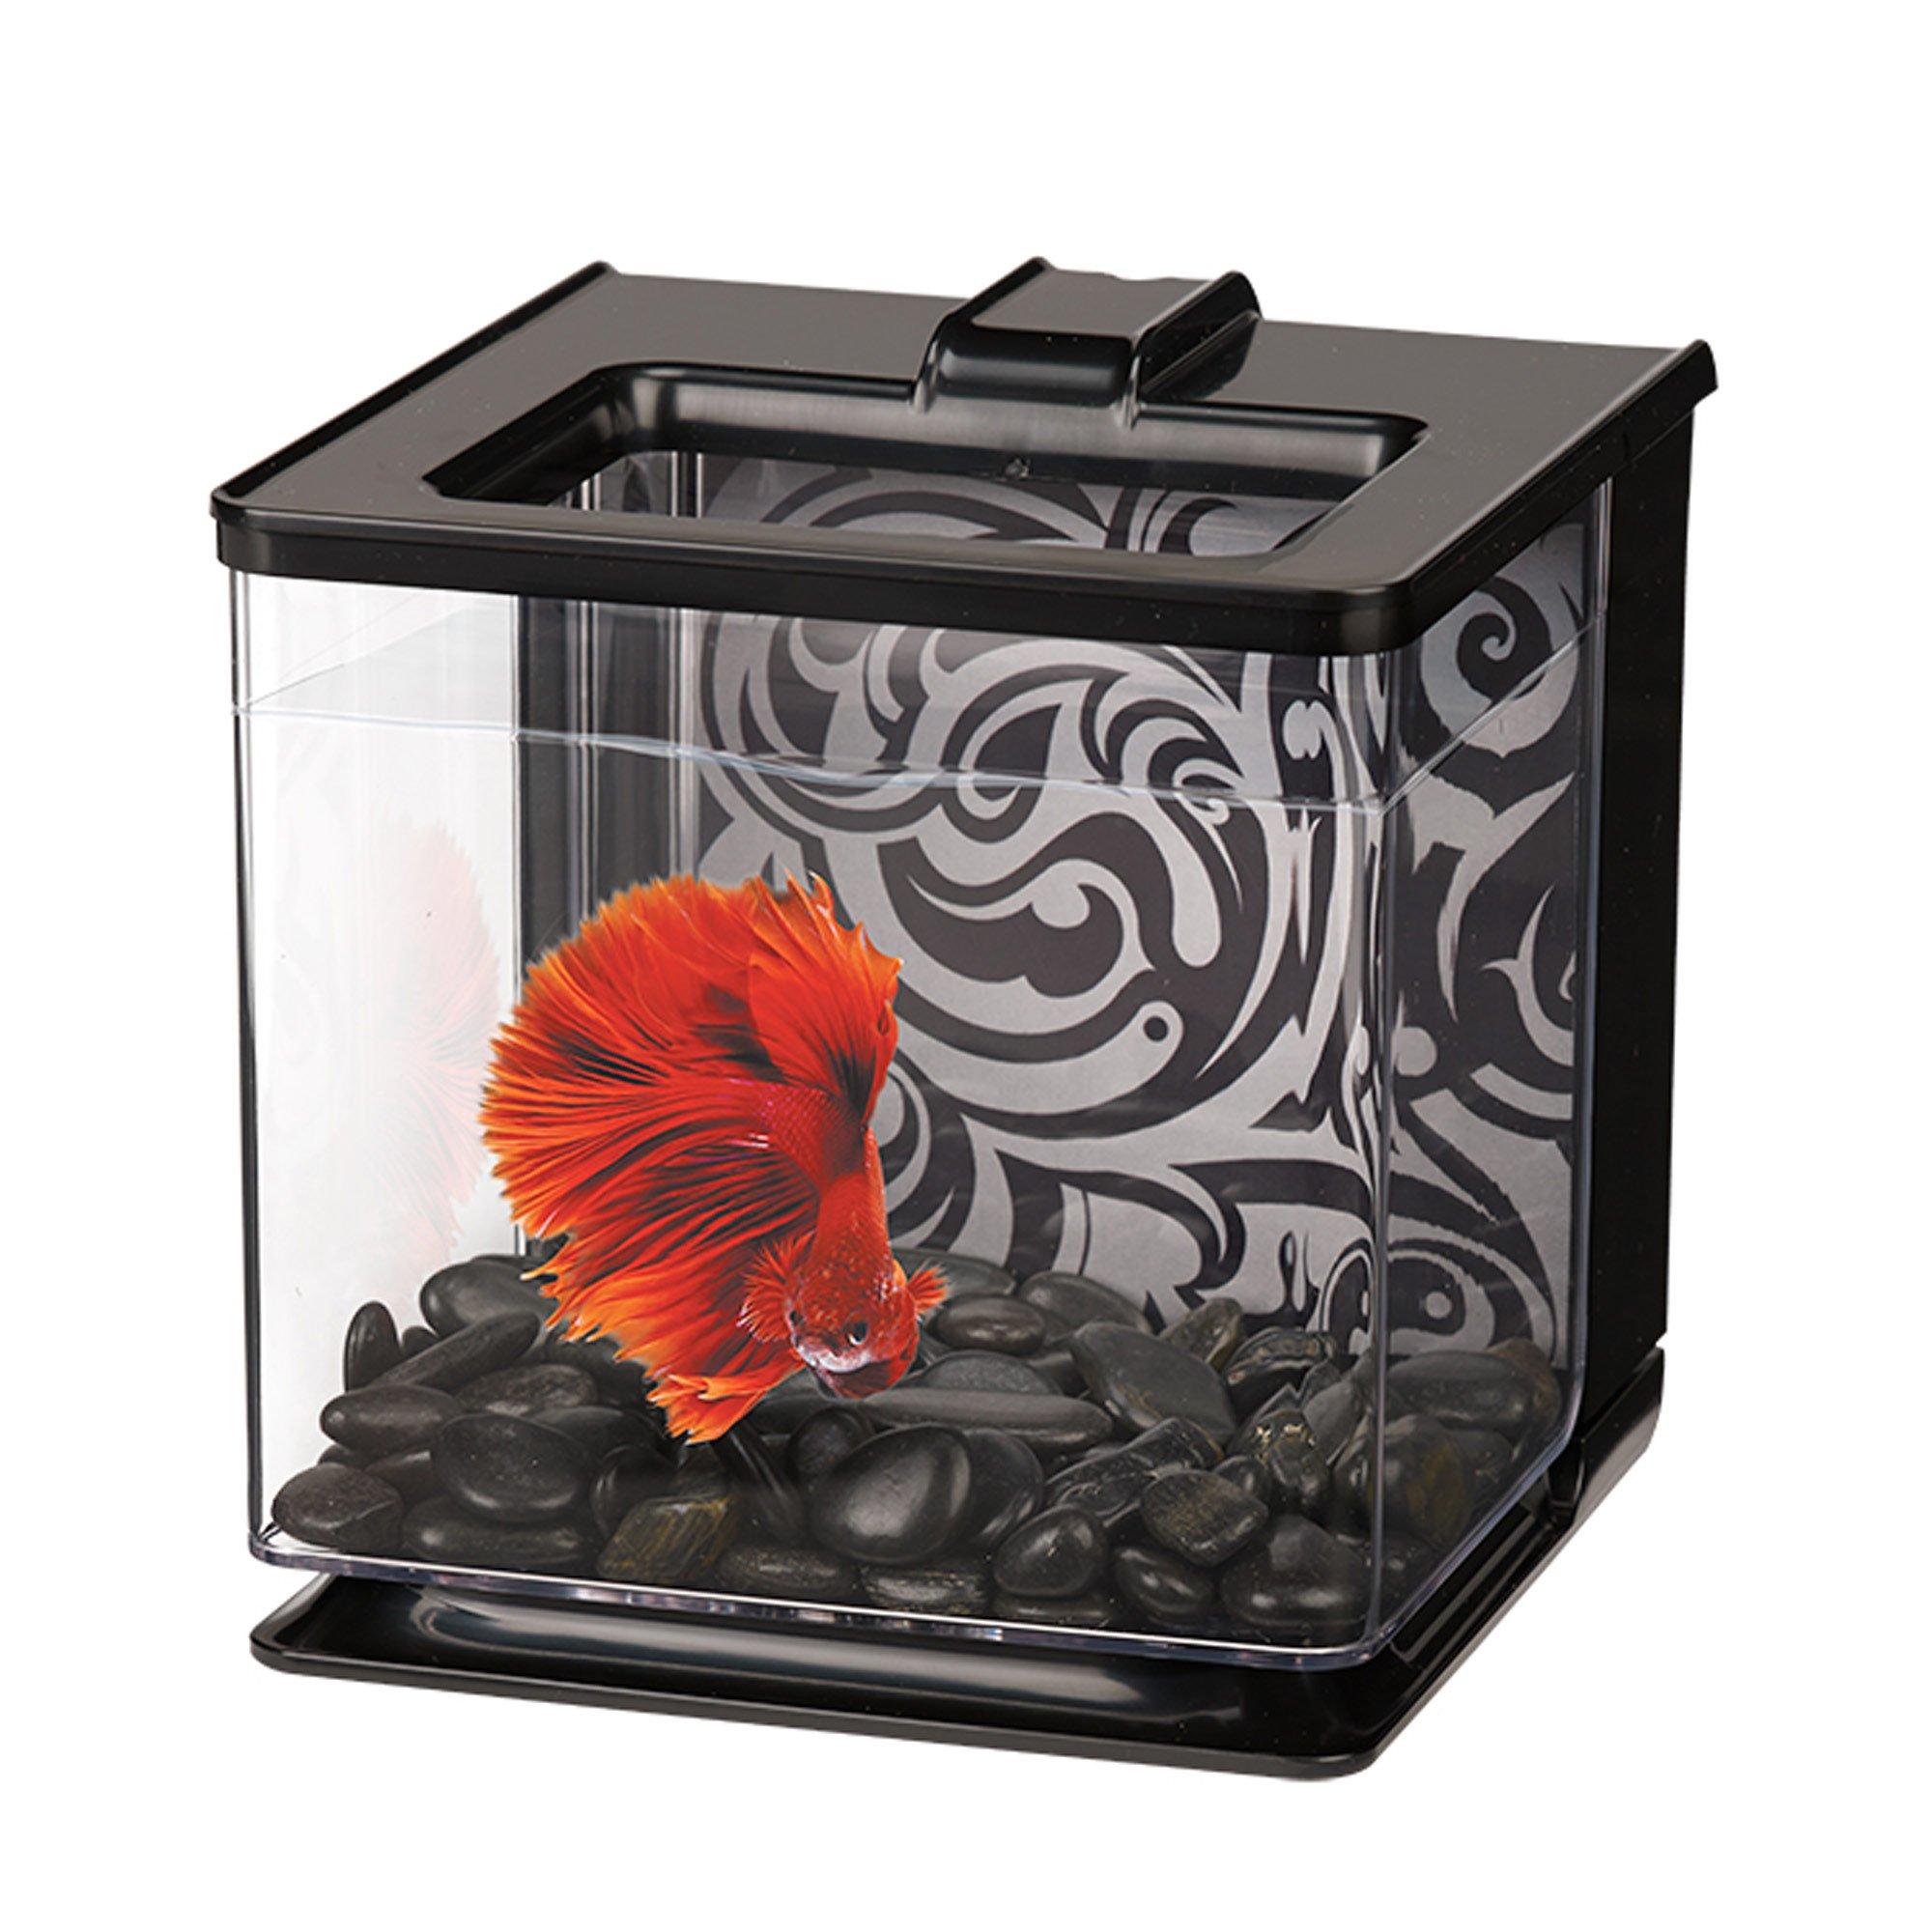 Marina Betta EZ Care Black Aquarium Kit